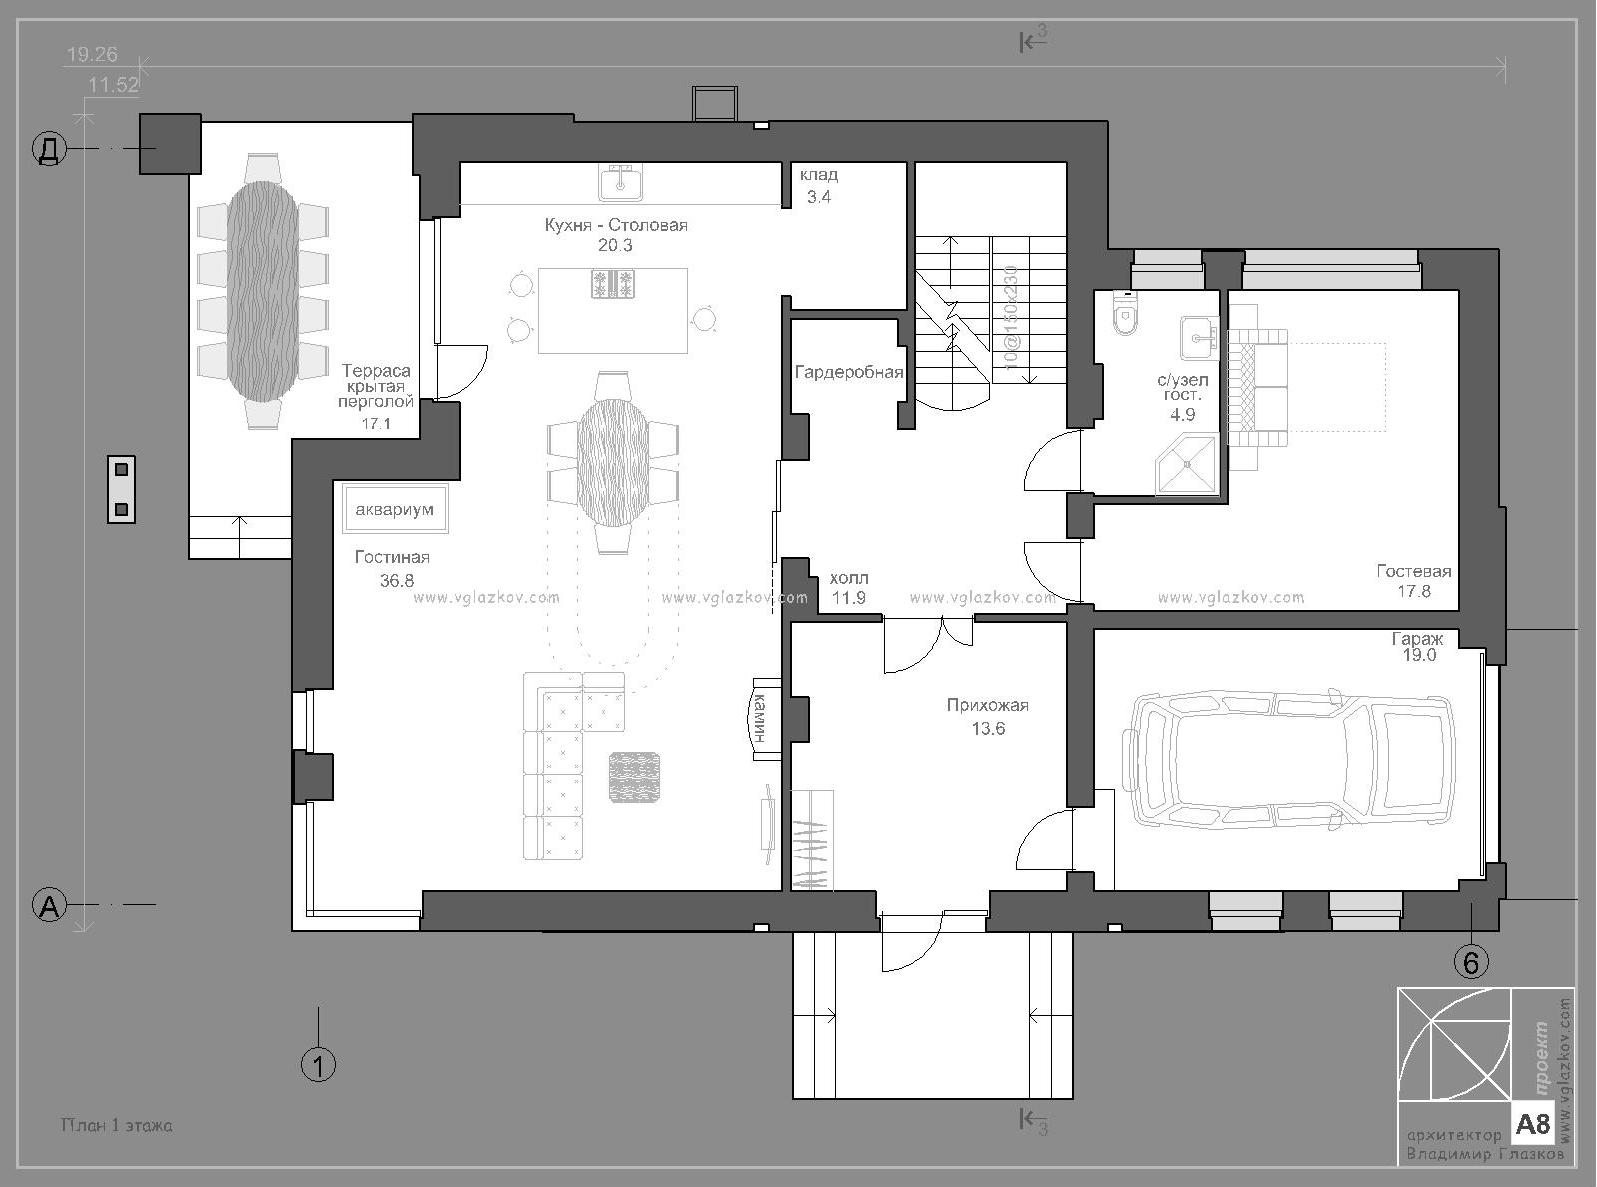 Проект дома с плоской кровлей, террасами и панорамными окнами - проект А8, план 1 этажа